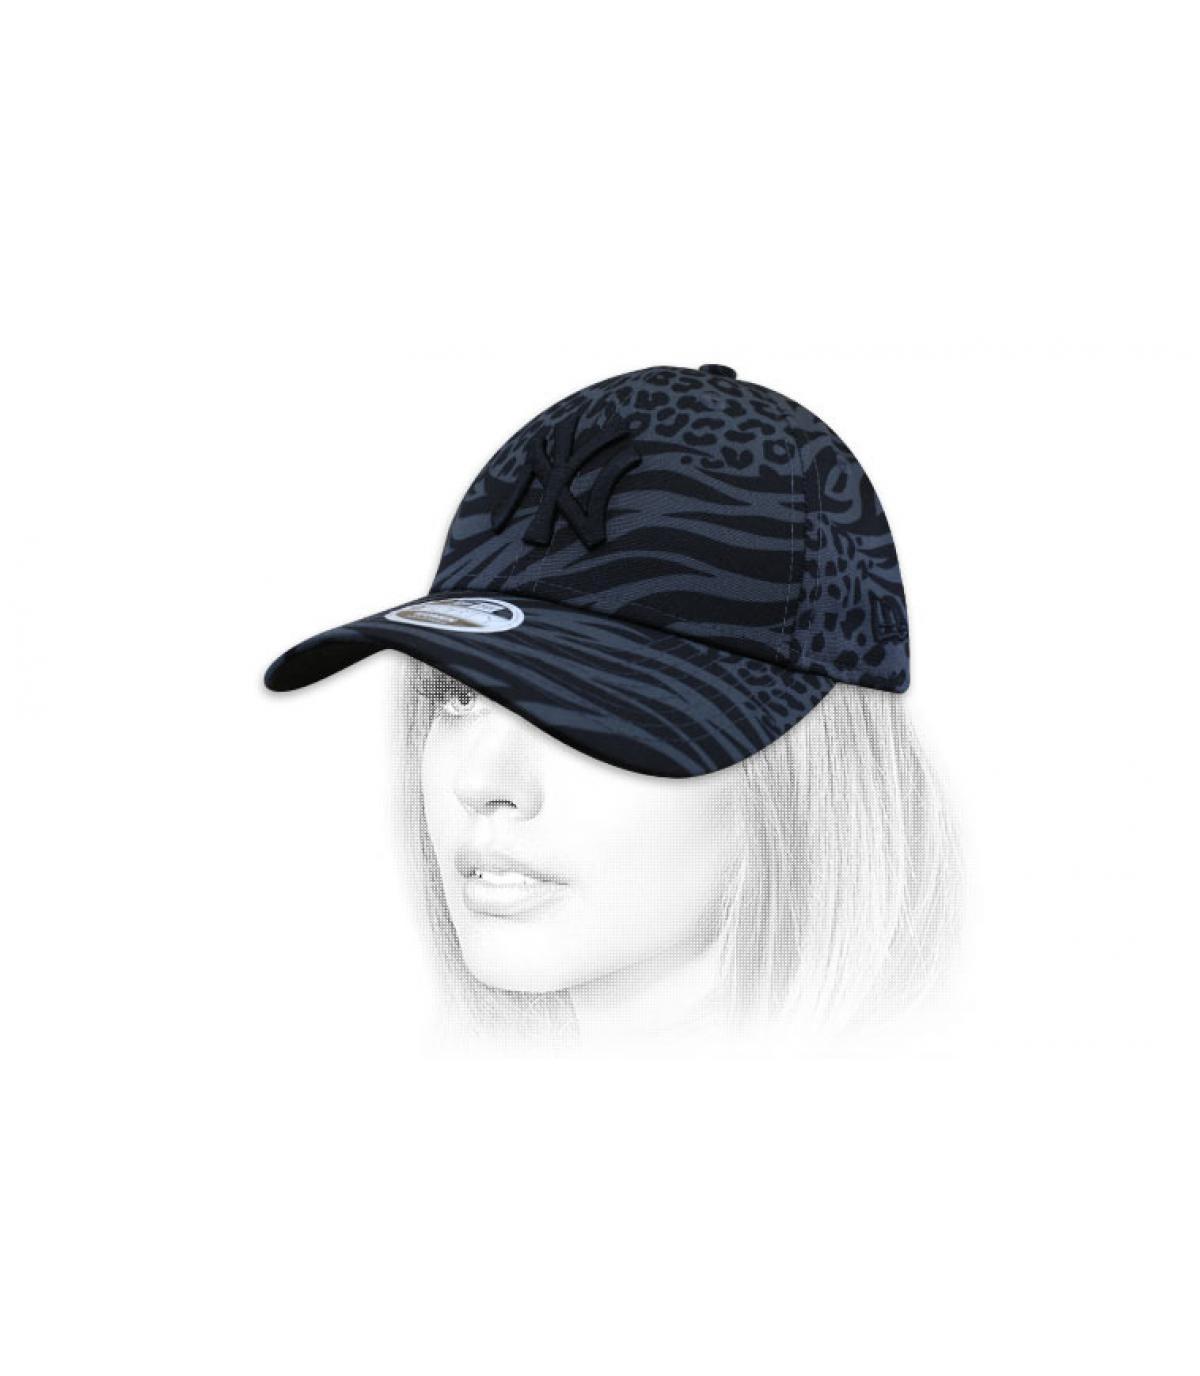 NY-cap voor dames